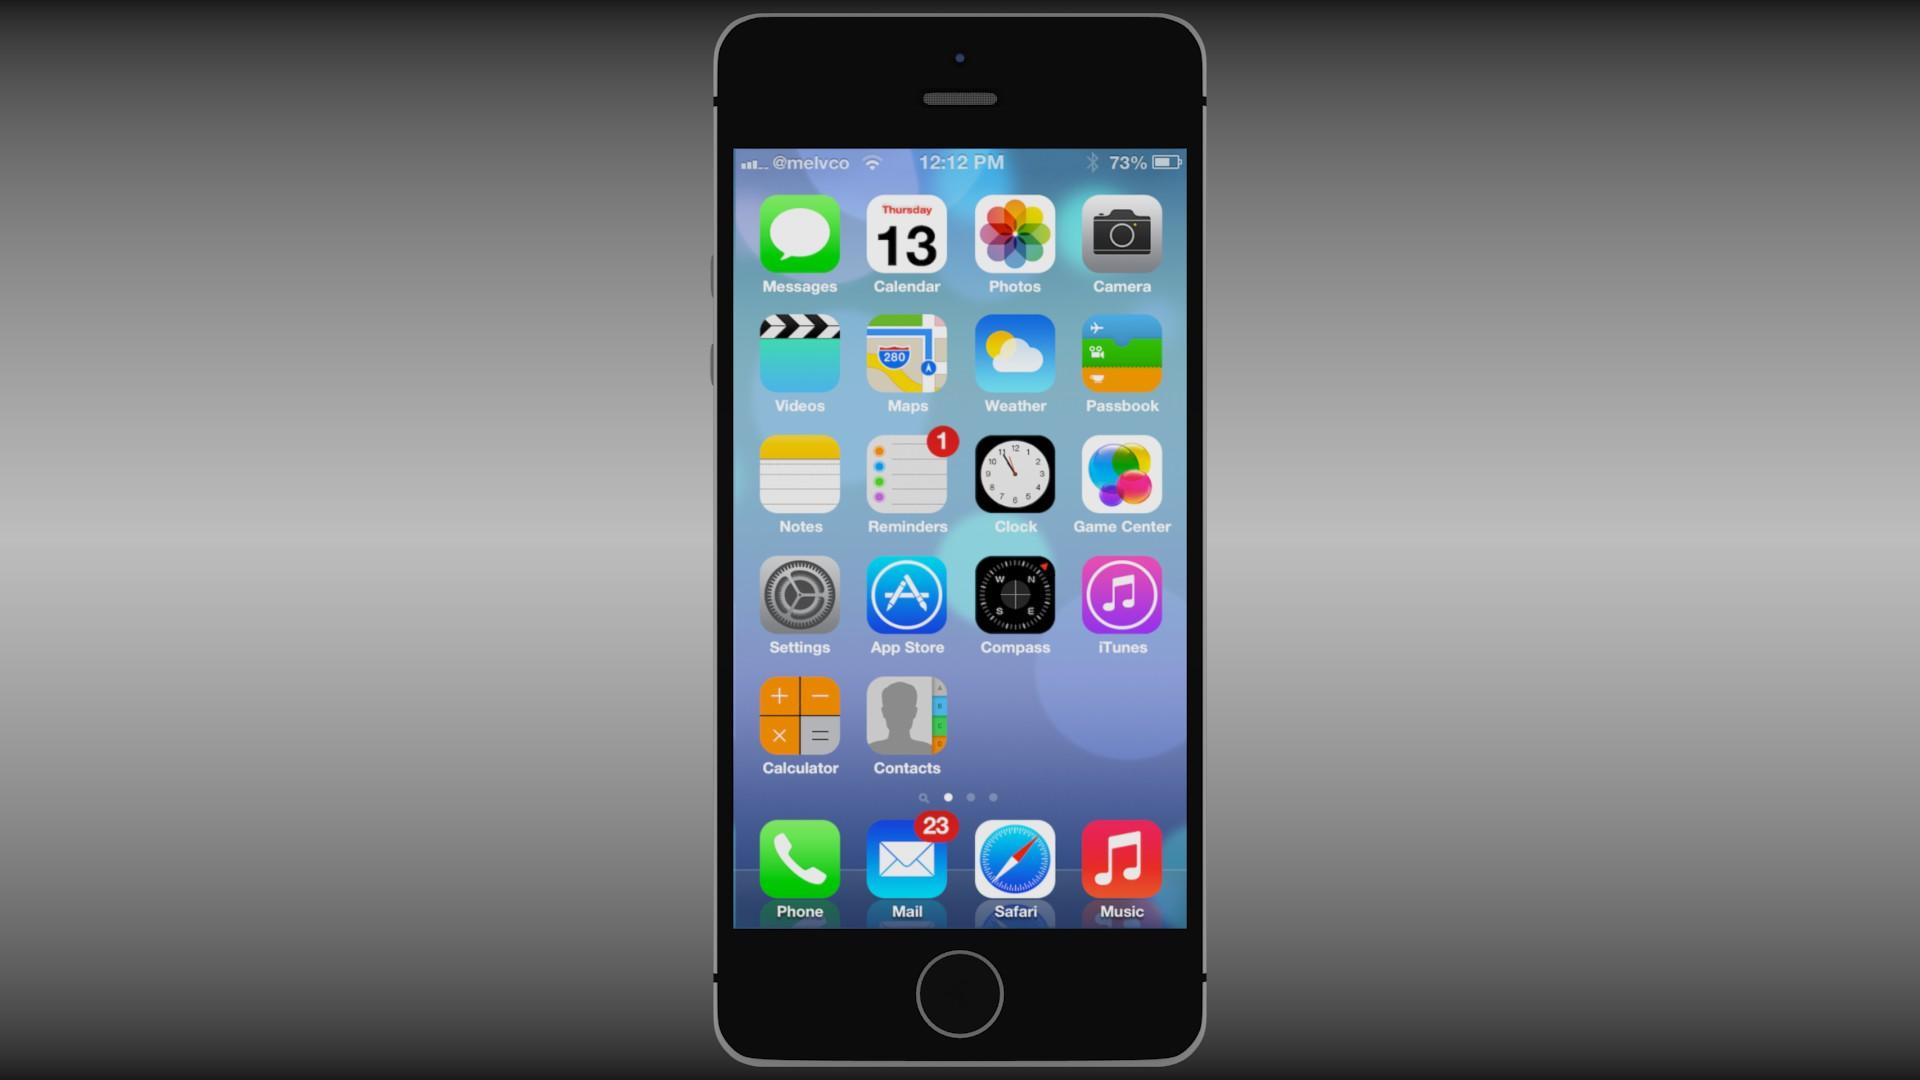 Как сделать фото при звонке на весь экран на iphone 5